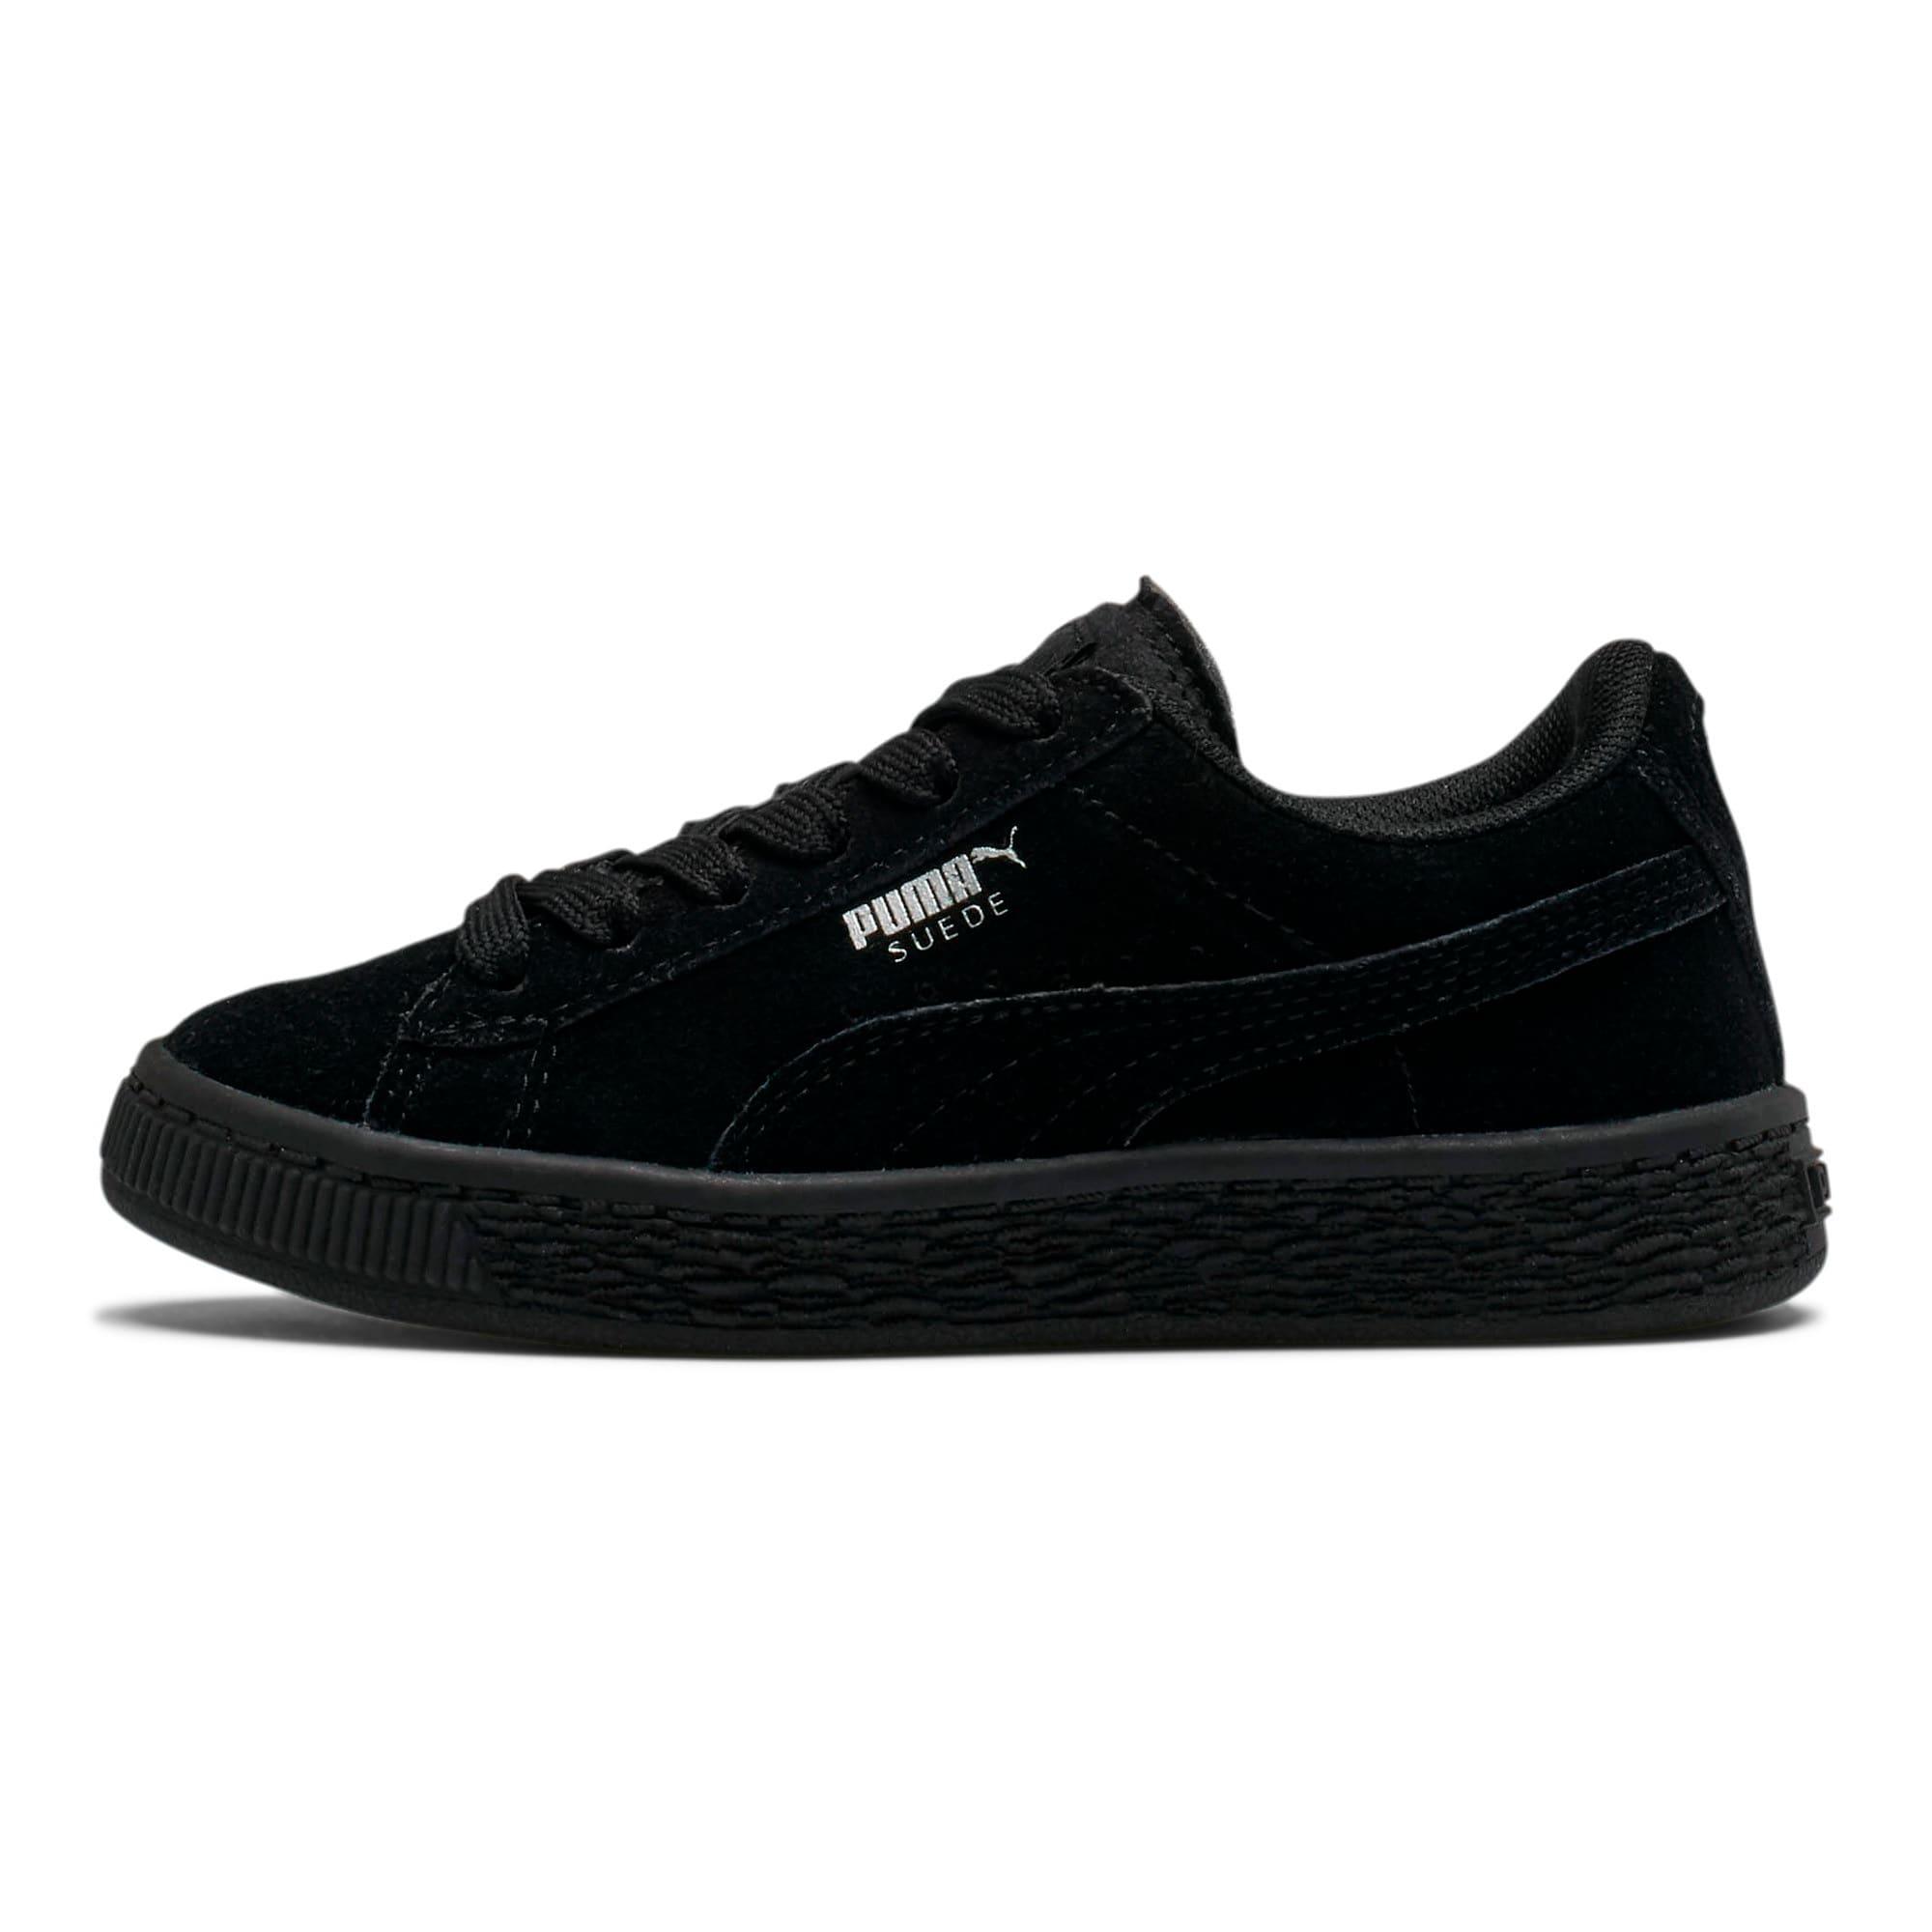 Miniatura 1 de Zapatos Suede para niños, Puma Black-Puma Silver, mediano